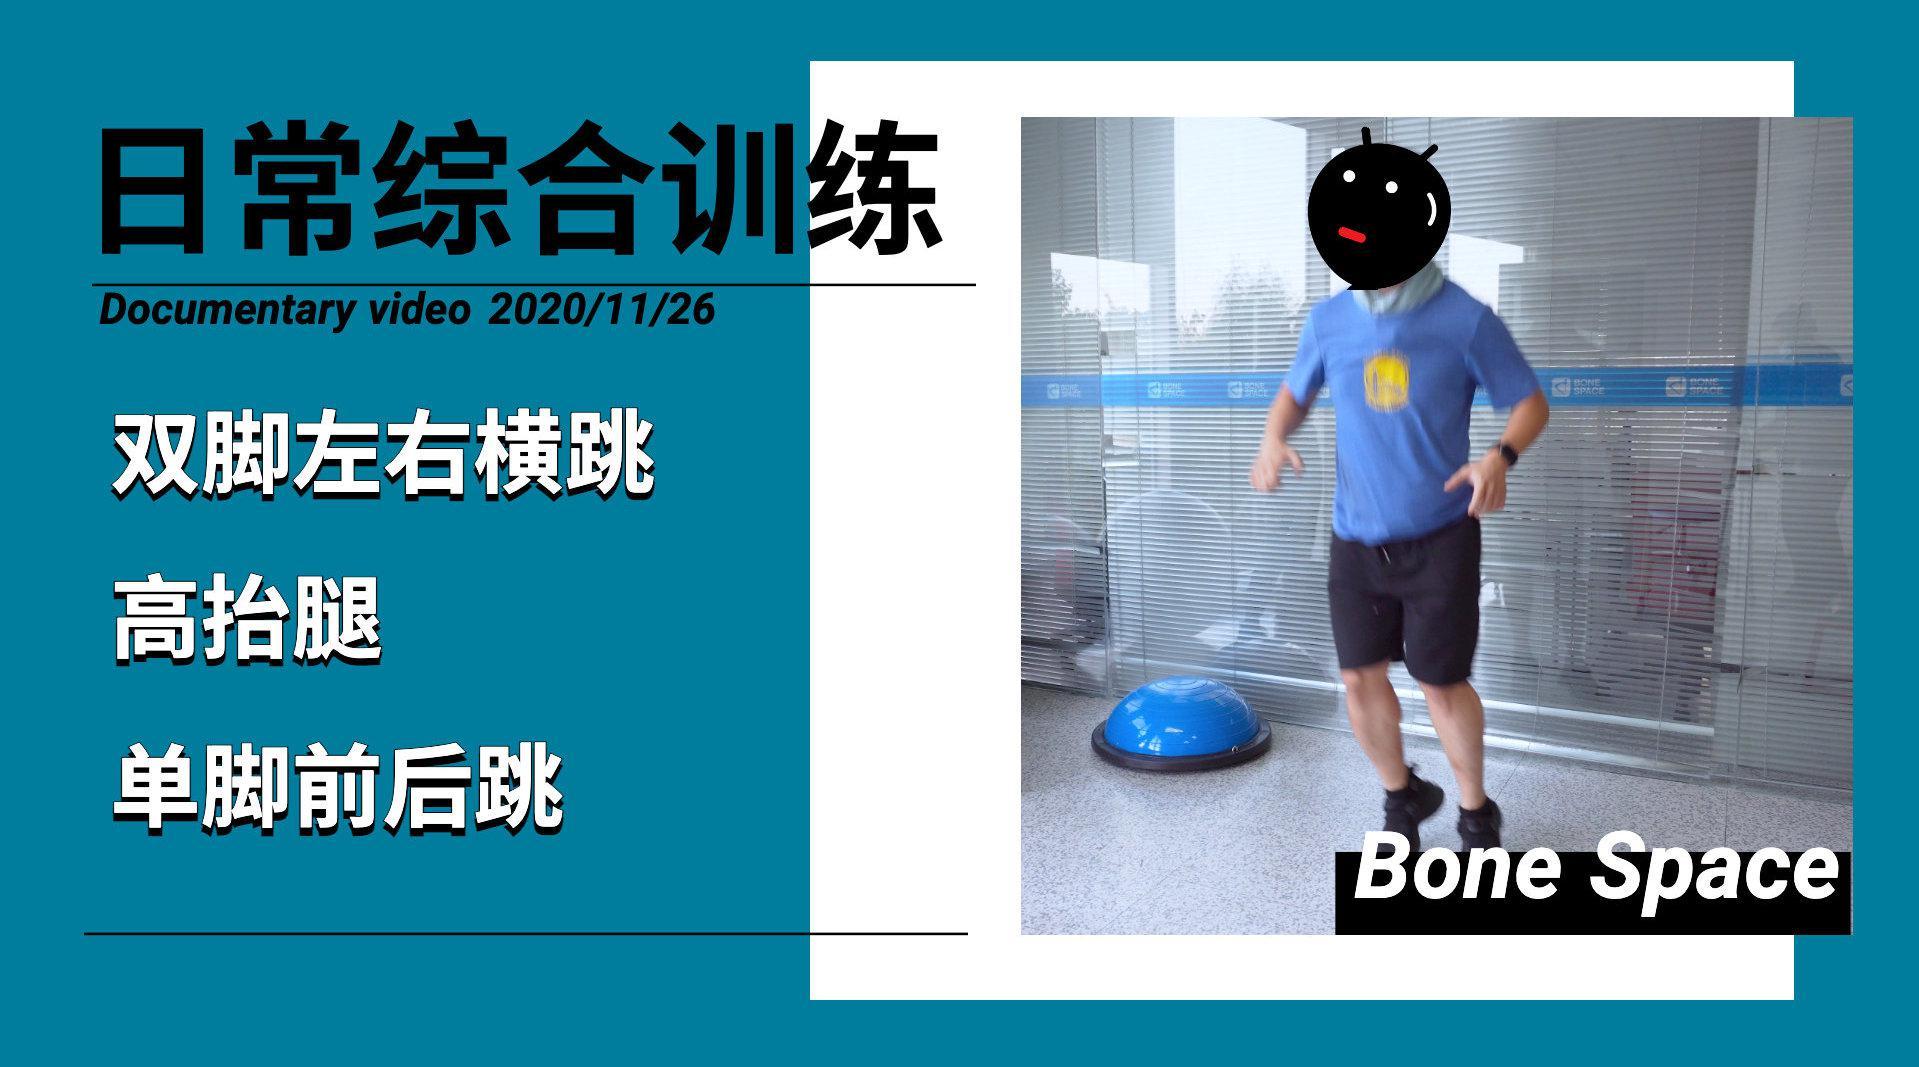 日常综合训练:今天的三个动作主要是训练腿部的肌肉……